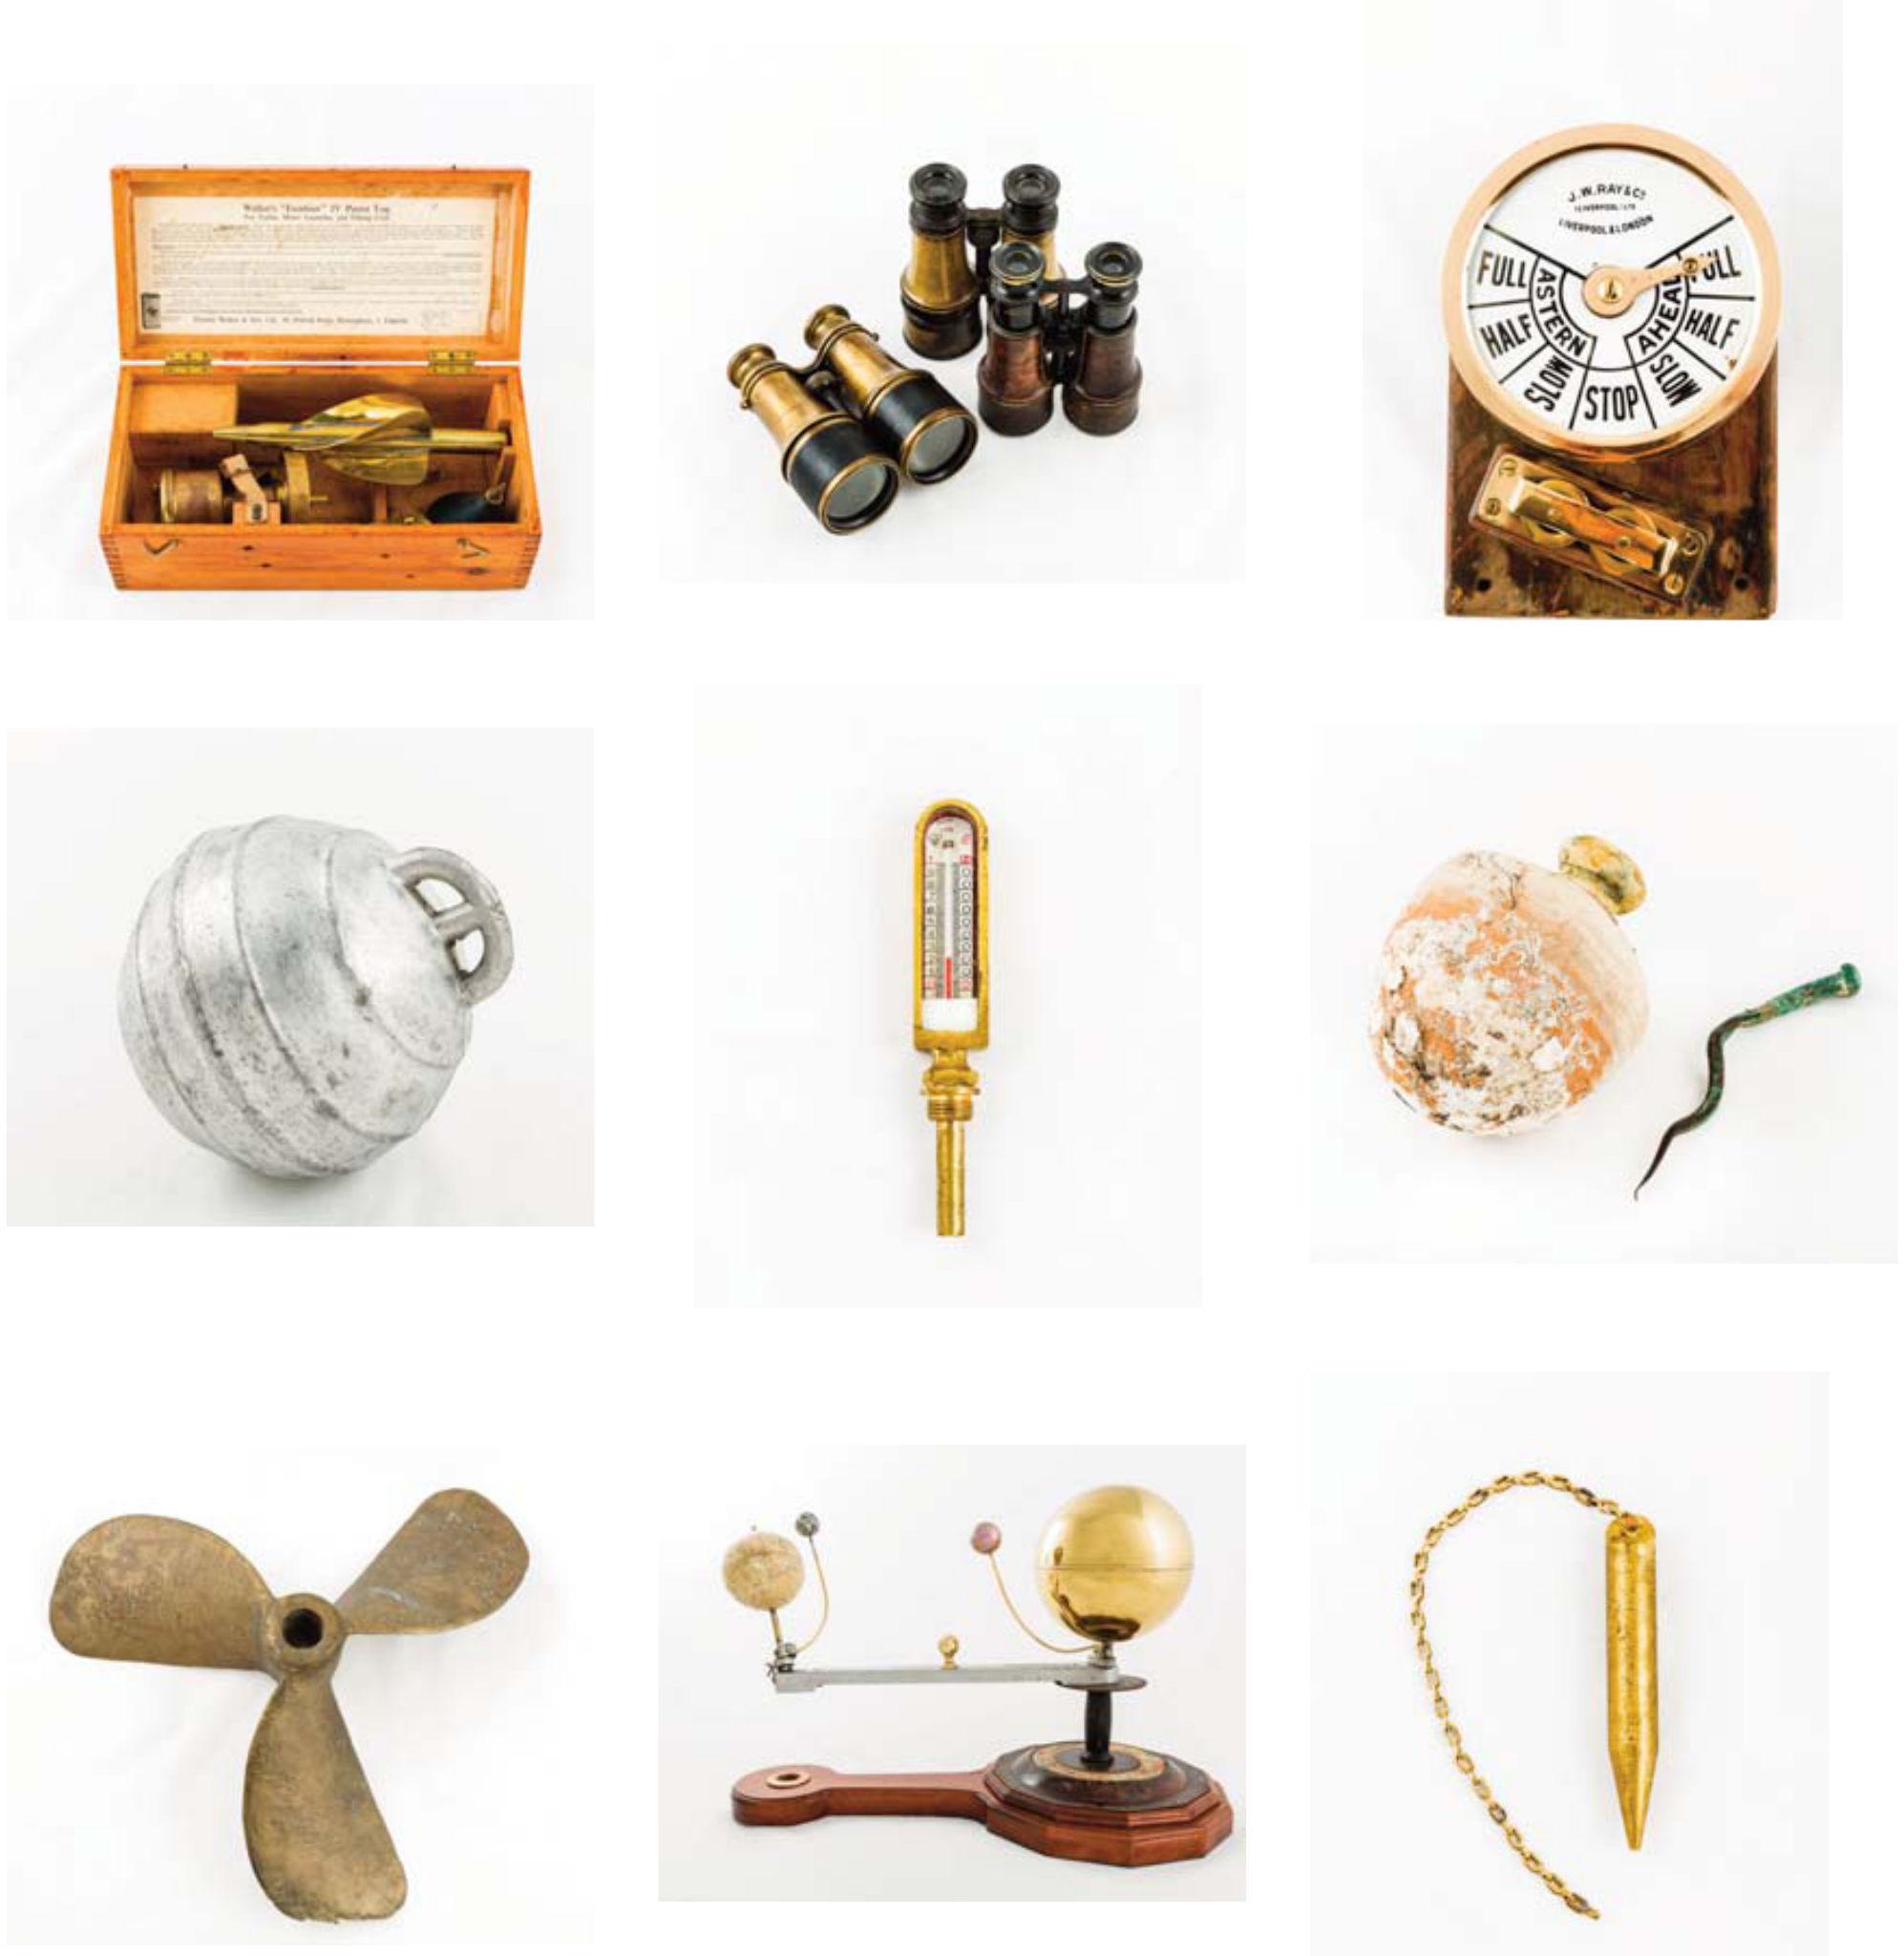 Obxectos da exposición